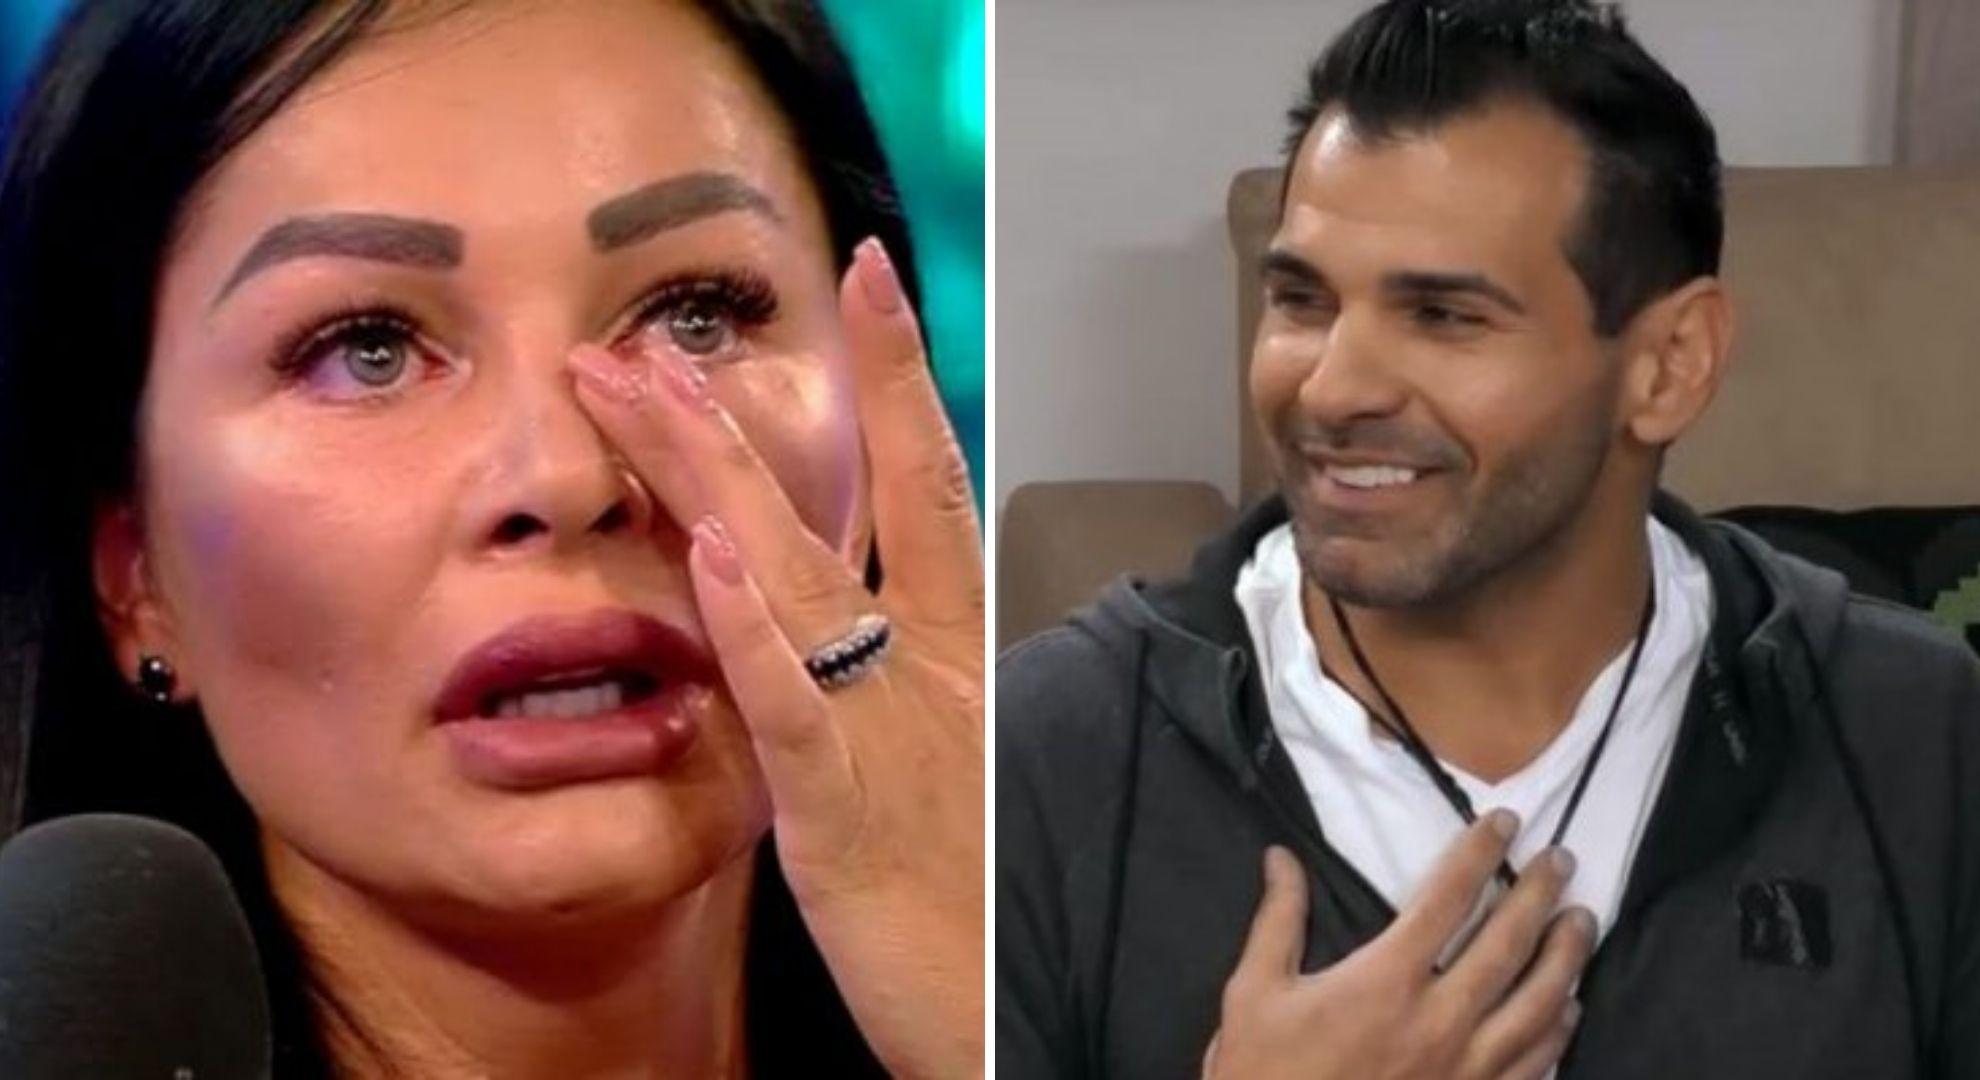 Ceartă cu lacrimi în familia Pastramă. Florin, furios că Brigitte vorbește despre fostul ei soț